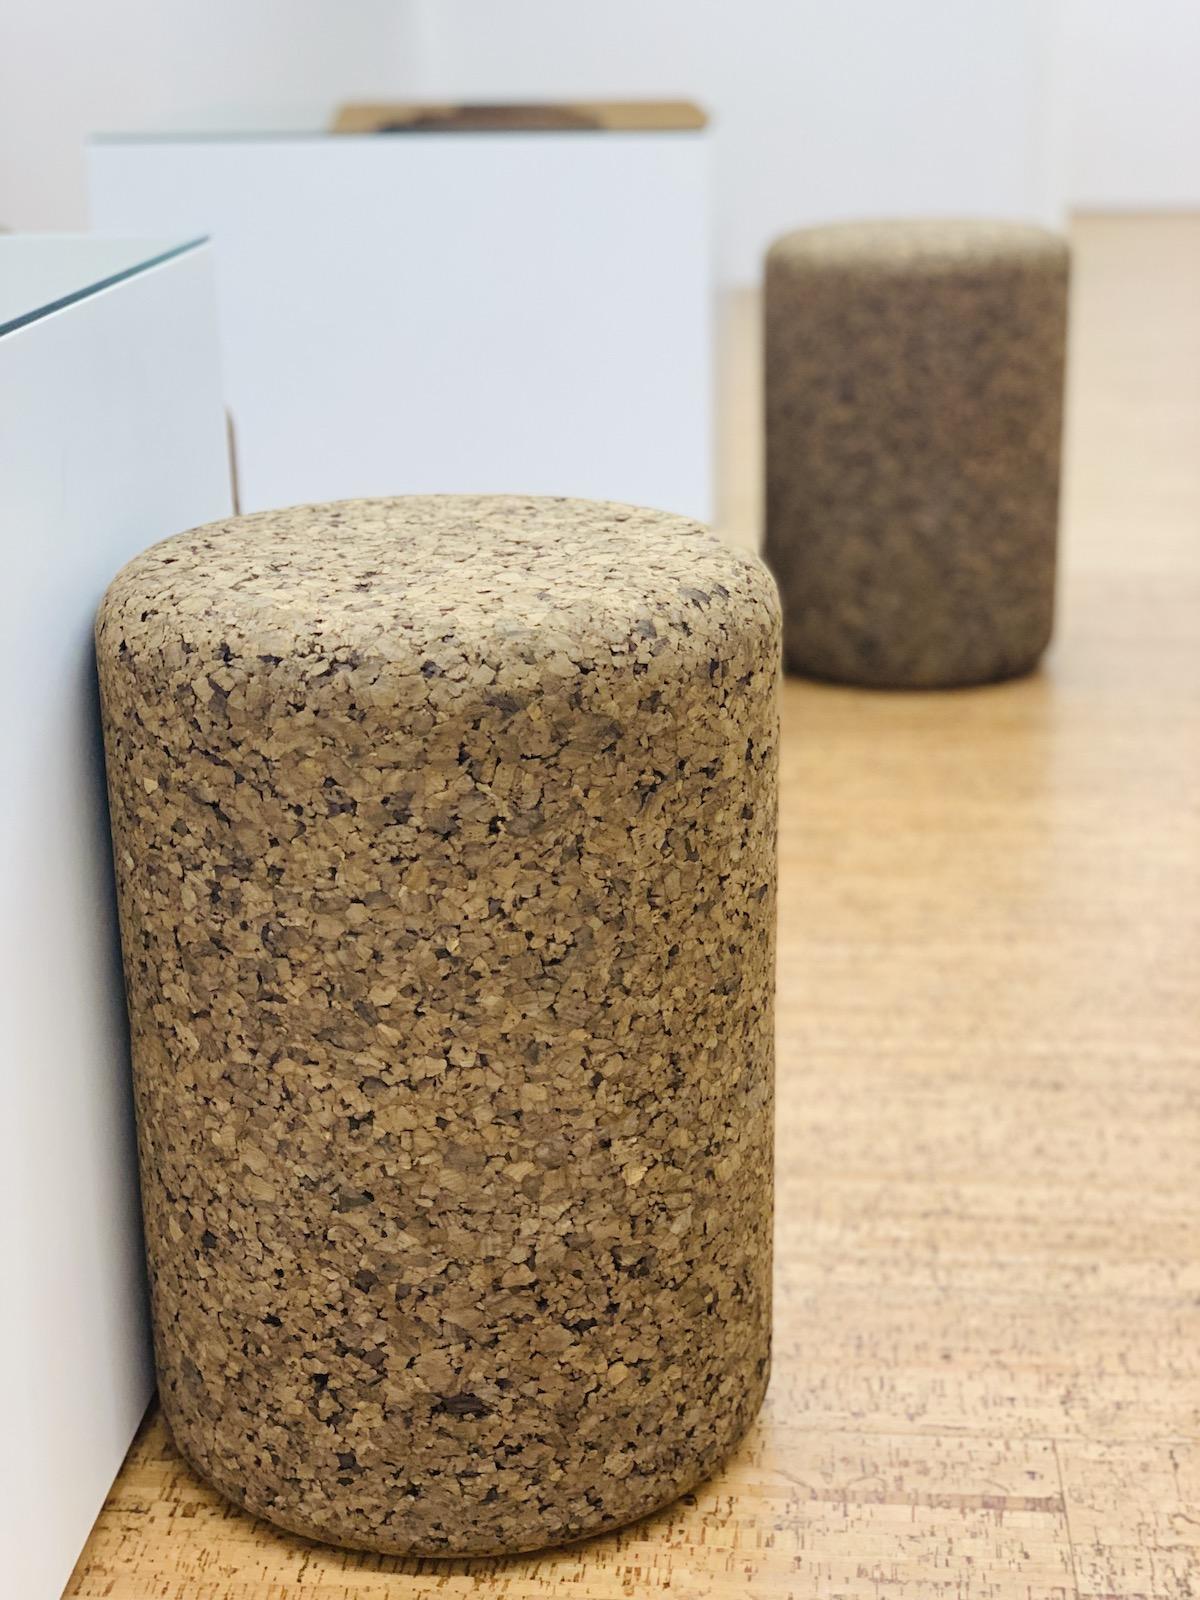 mobilier décoration intérieur assise pouf en liège tendance design - blog déco - clemaroundthecorner